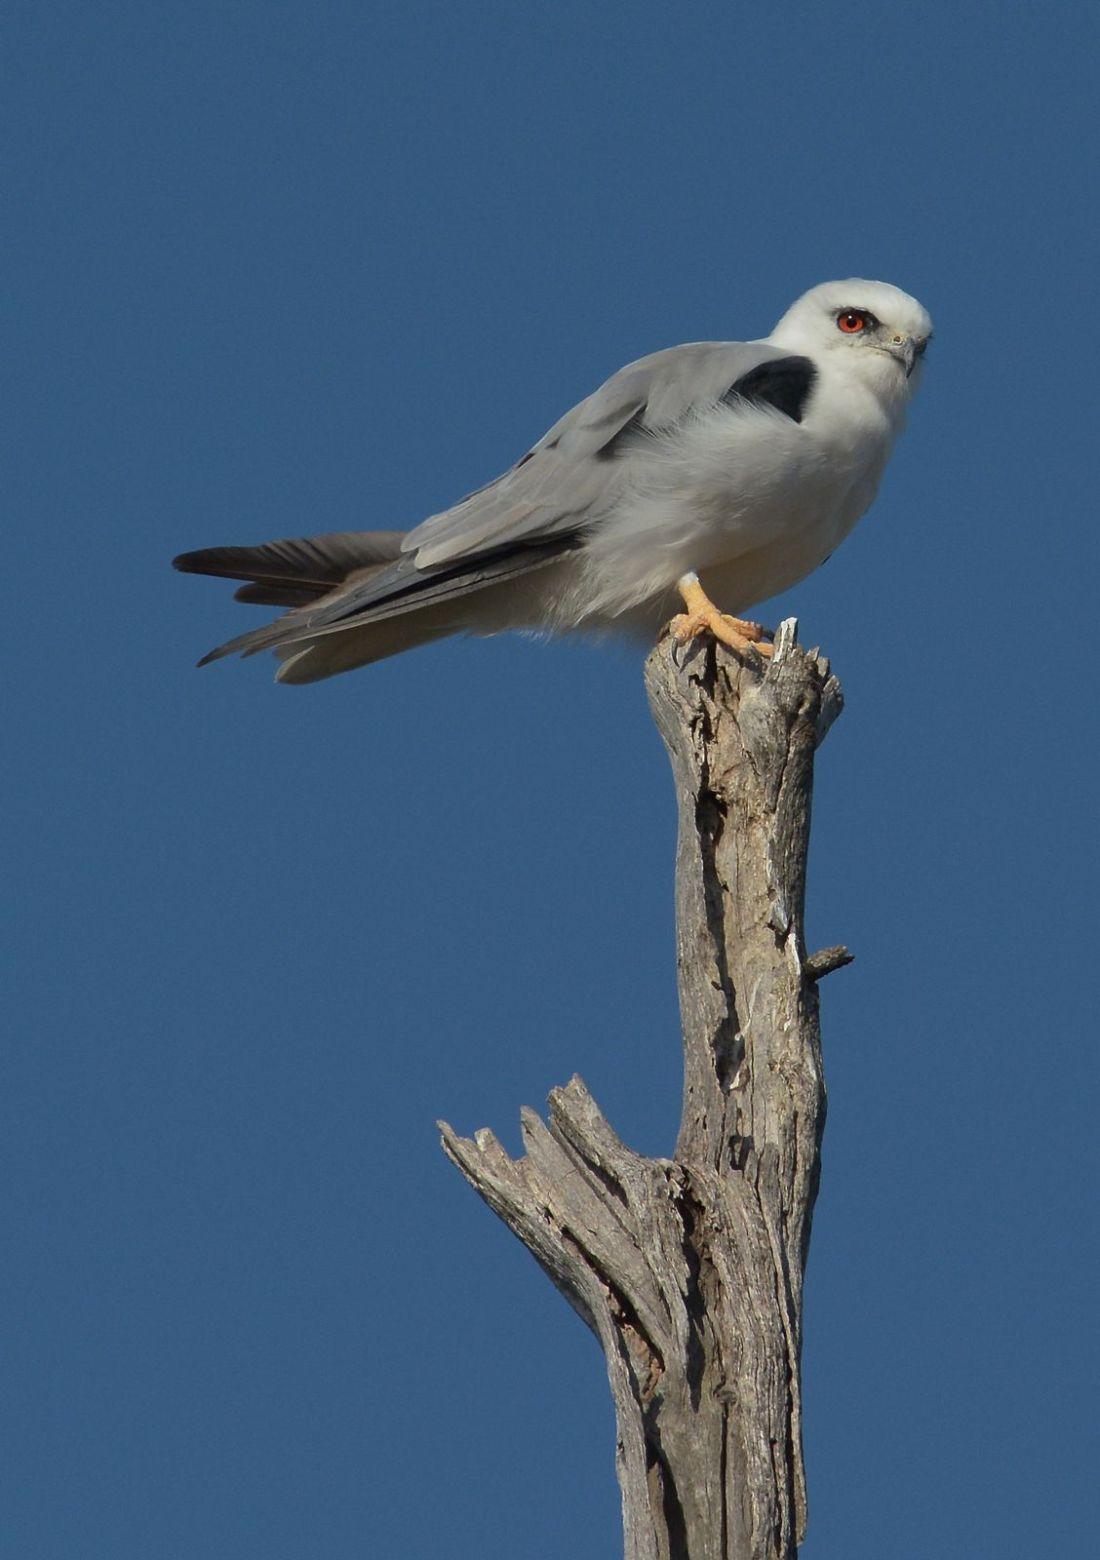 Black-shouldered Kite on a high vantage point.